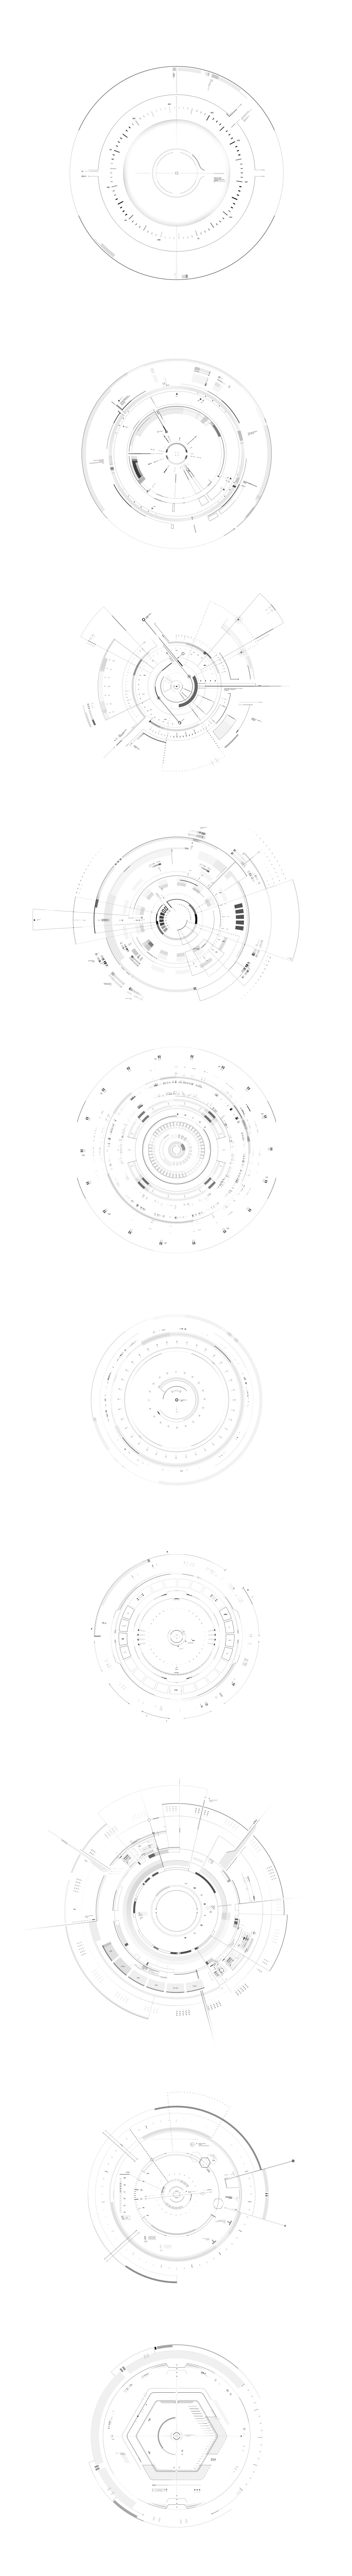 Circles of V6